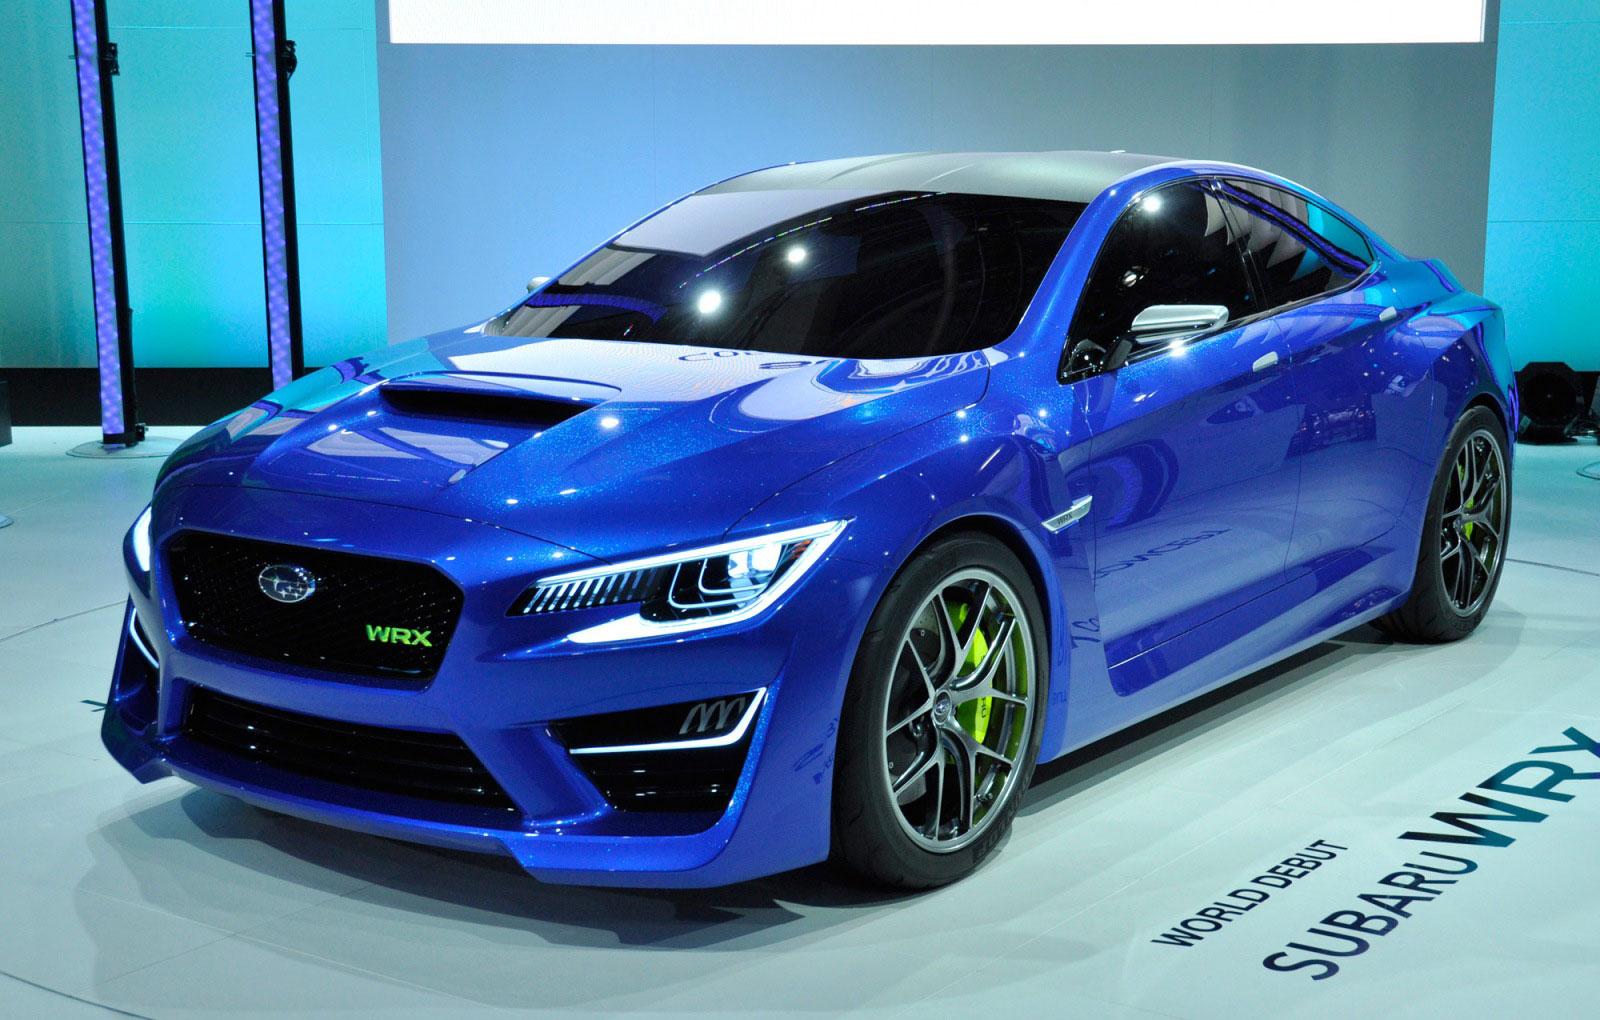 Subaru 2016 Wrx Sti Concept Design Hd Wallpaper